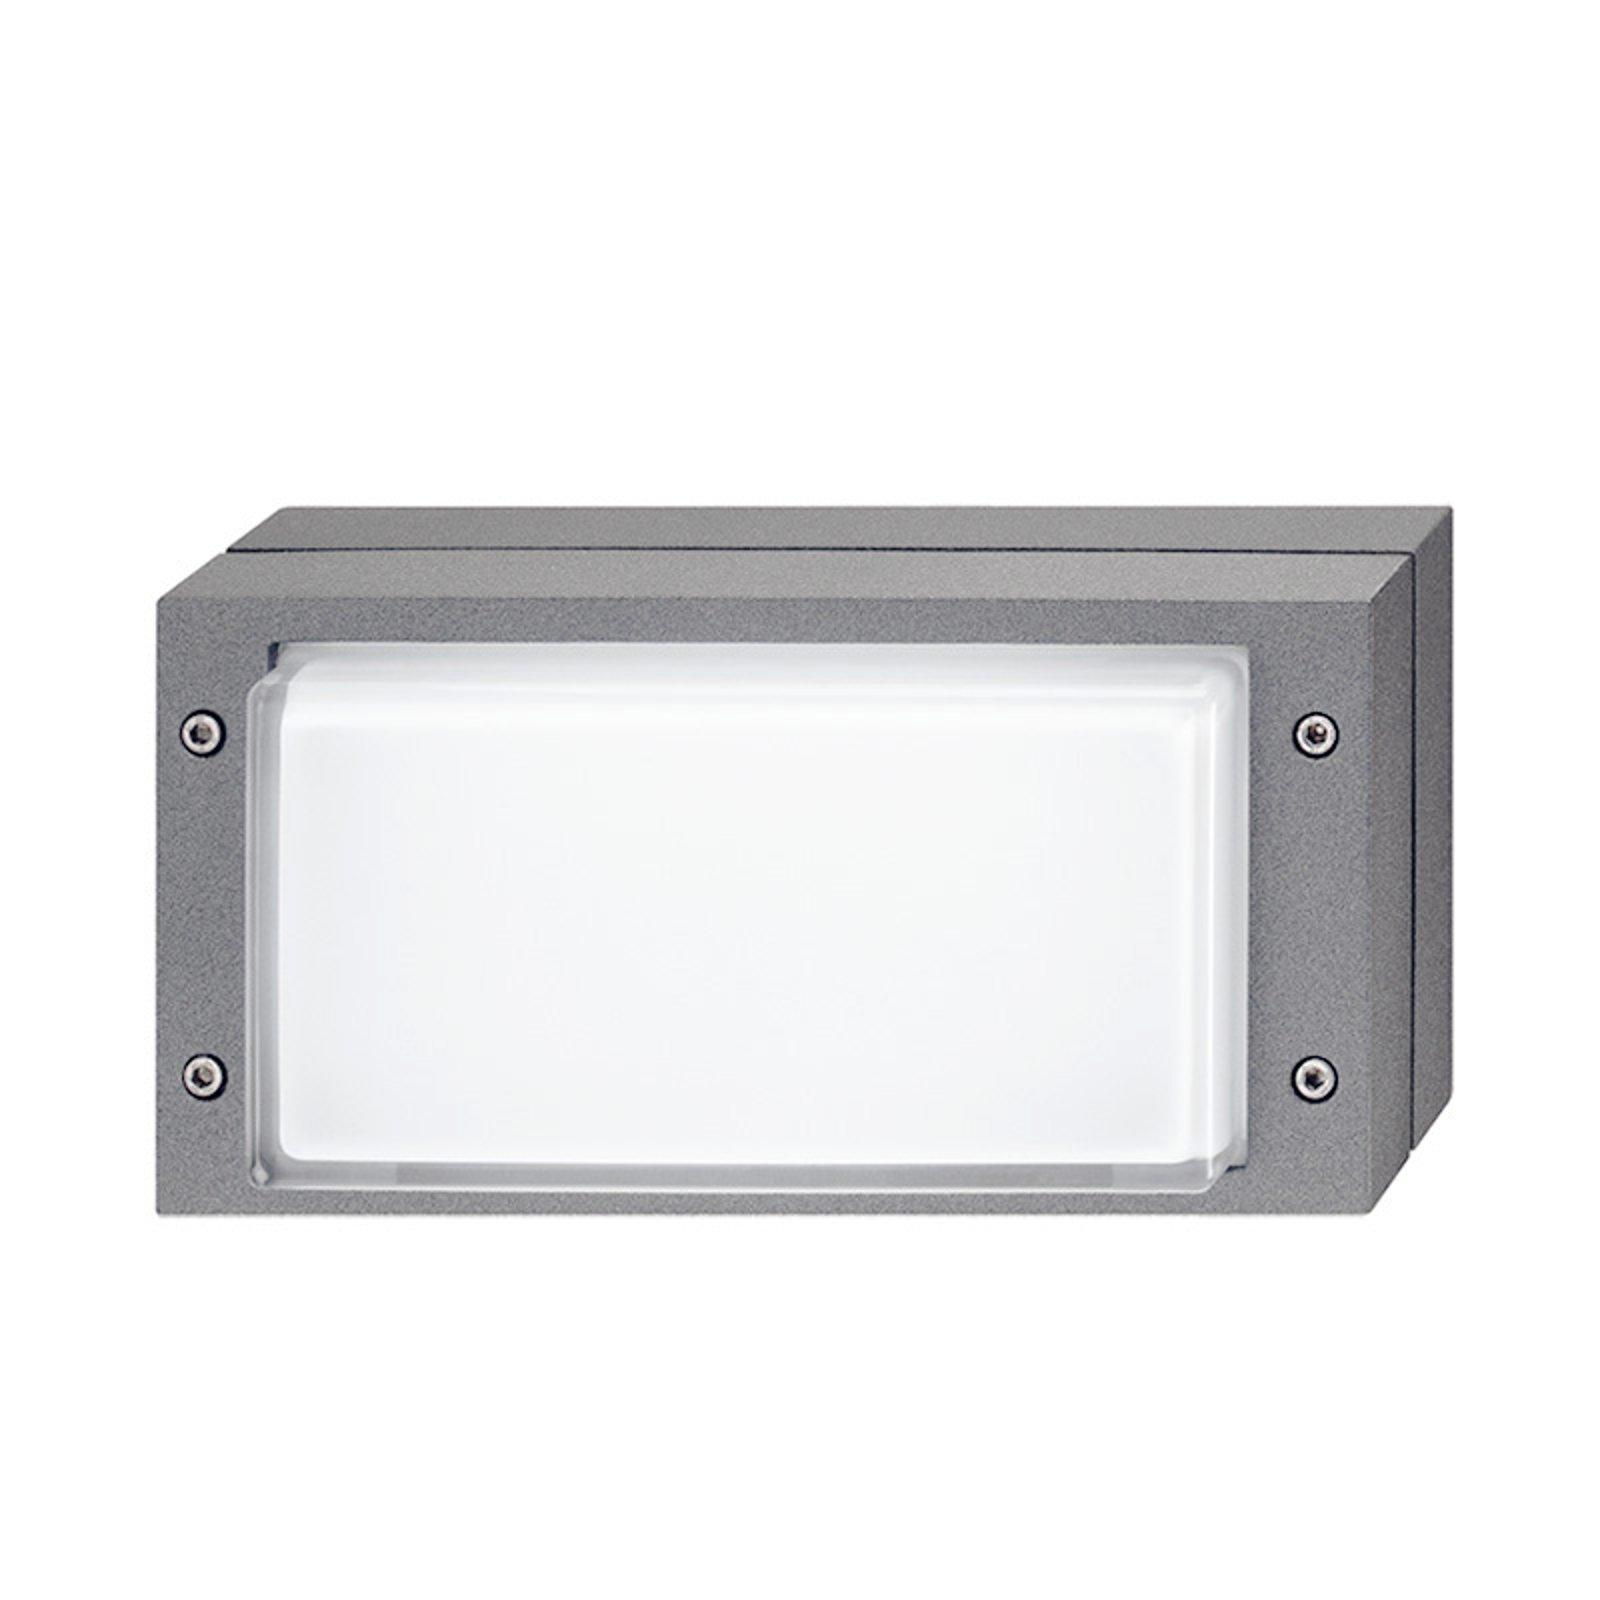 Grå utendørs vegglampe Bliz med LED